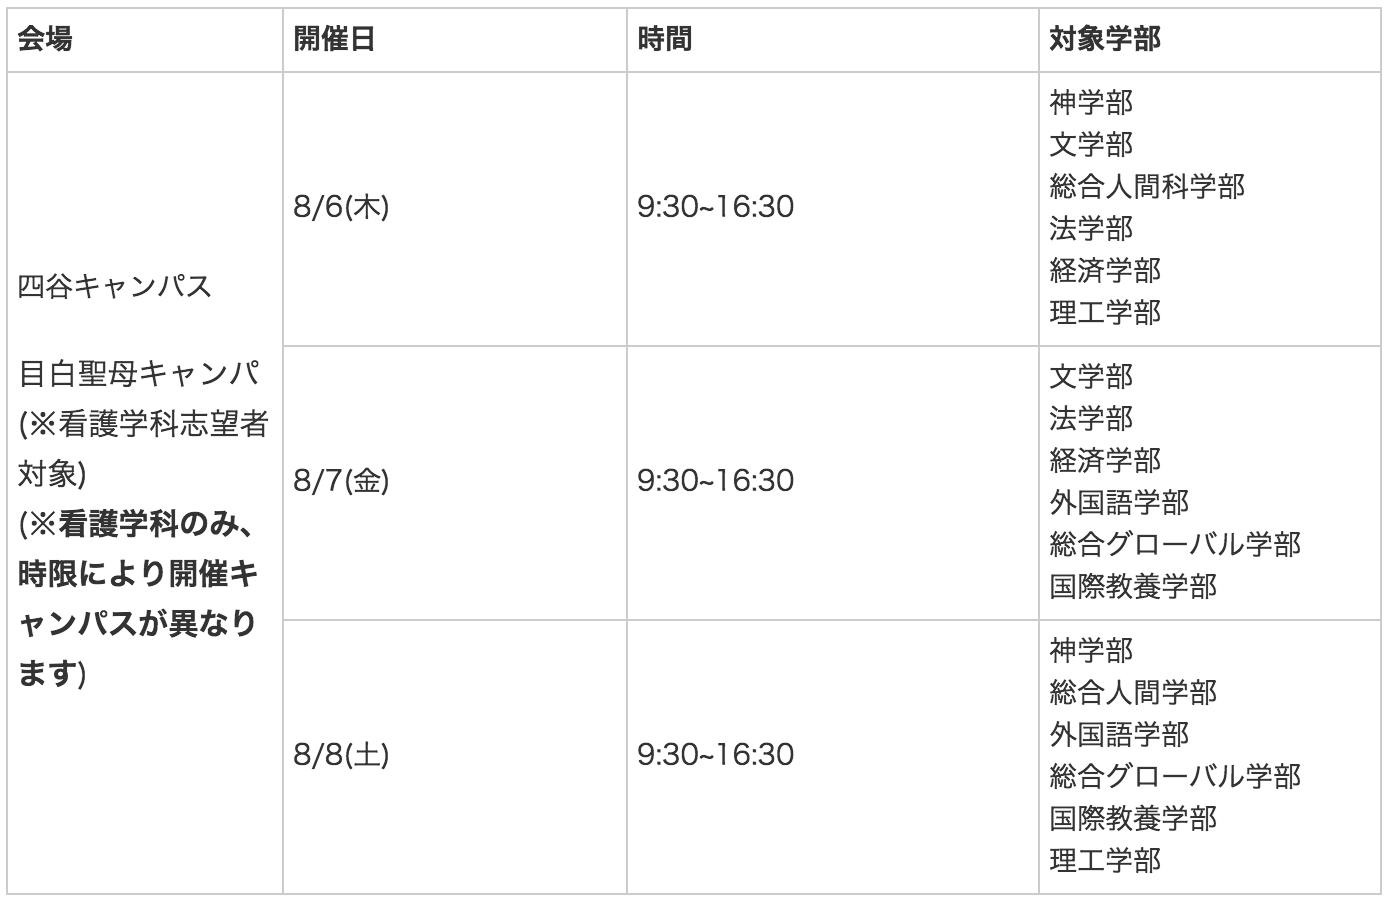 上智大学オープンキャンパス日程(2019年版)